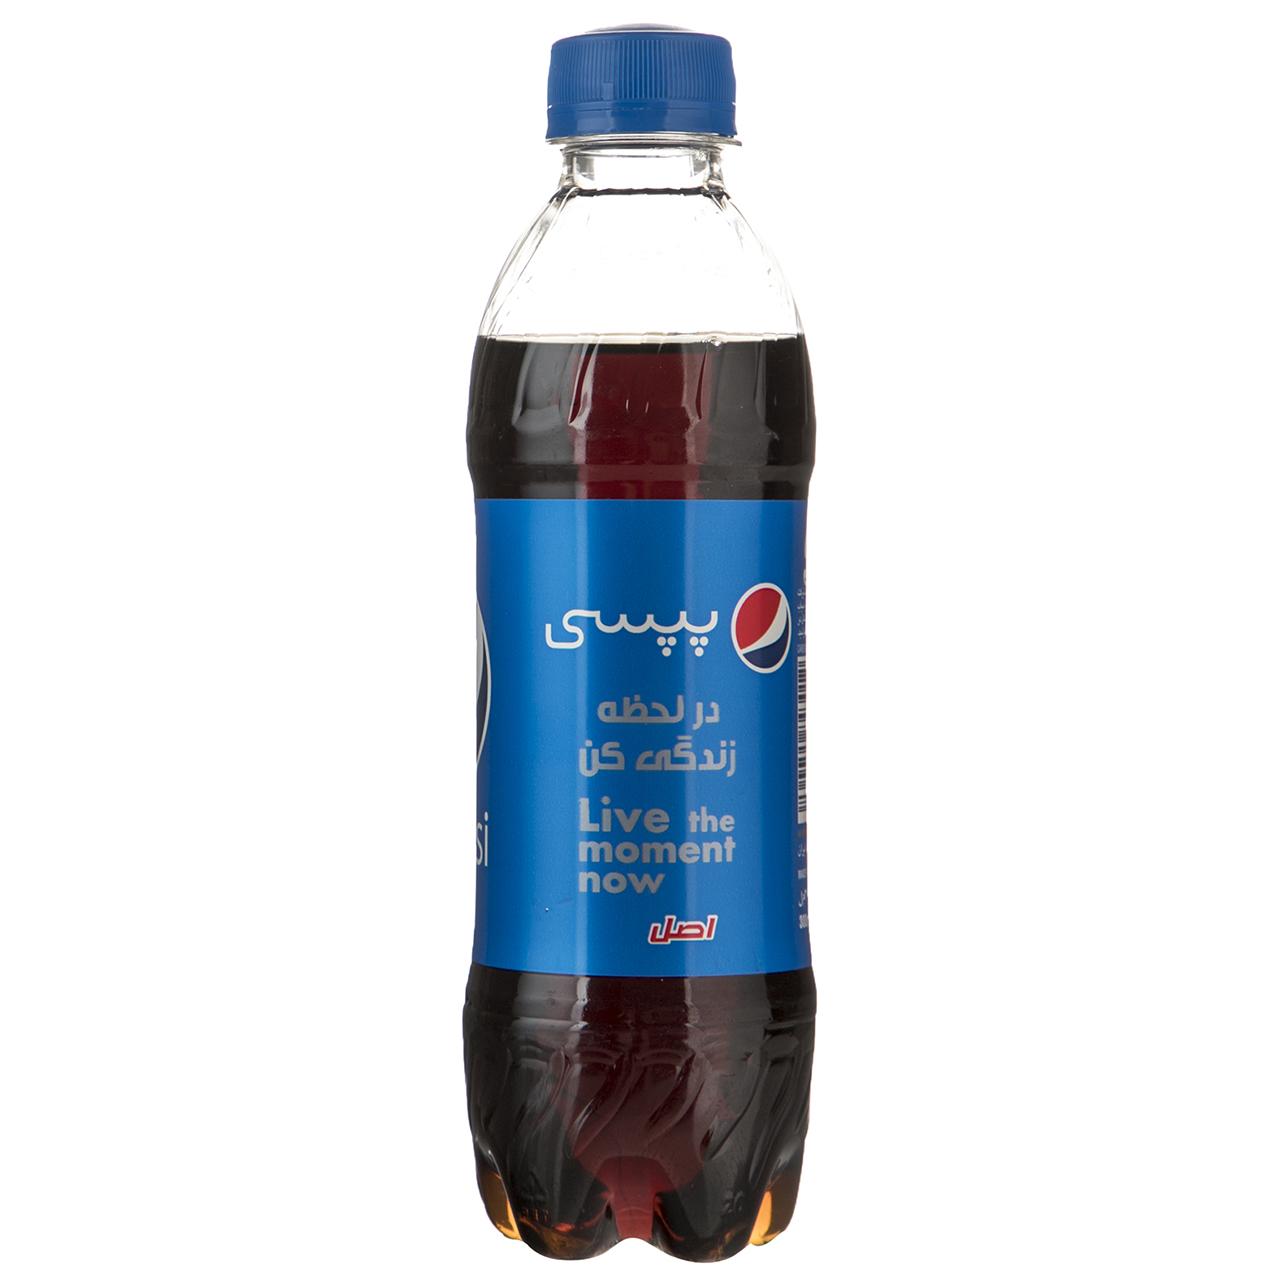 نوشابه گازدار پپسی با طعم کولا - 300 میلی لیتر